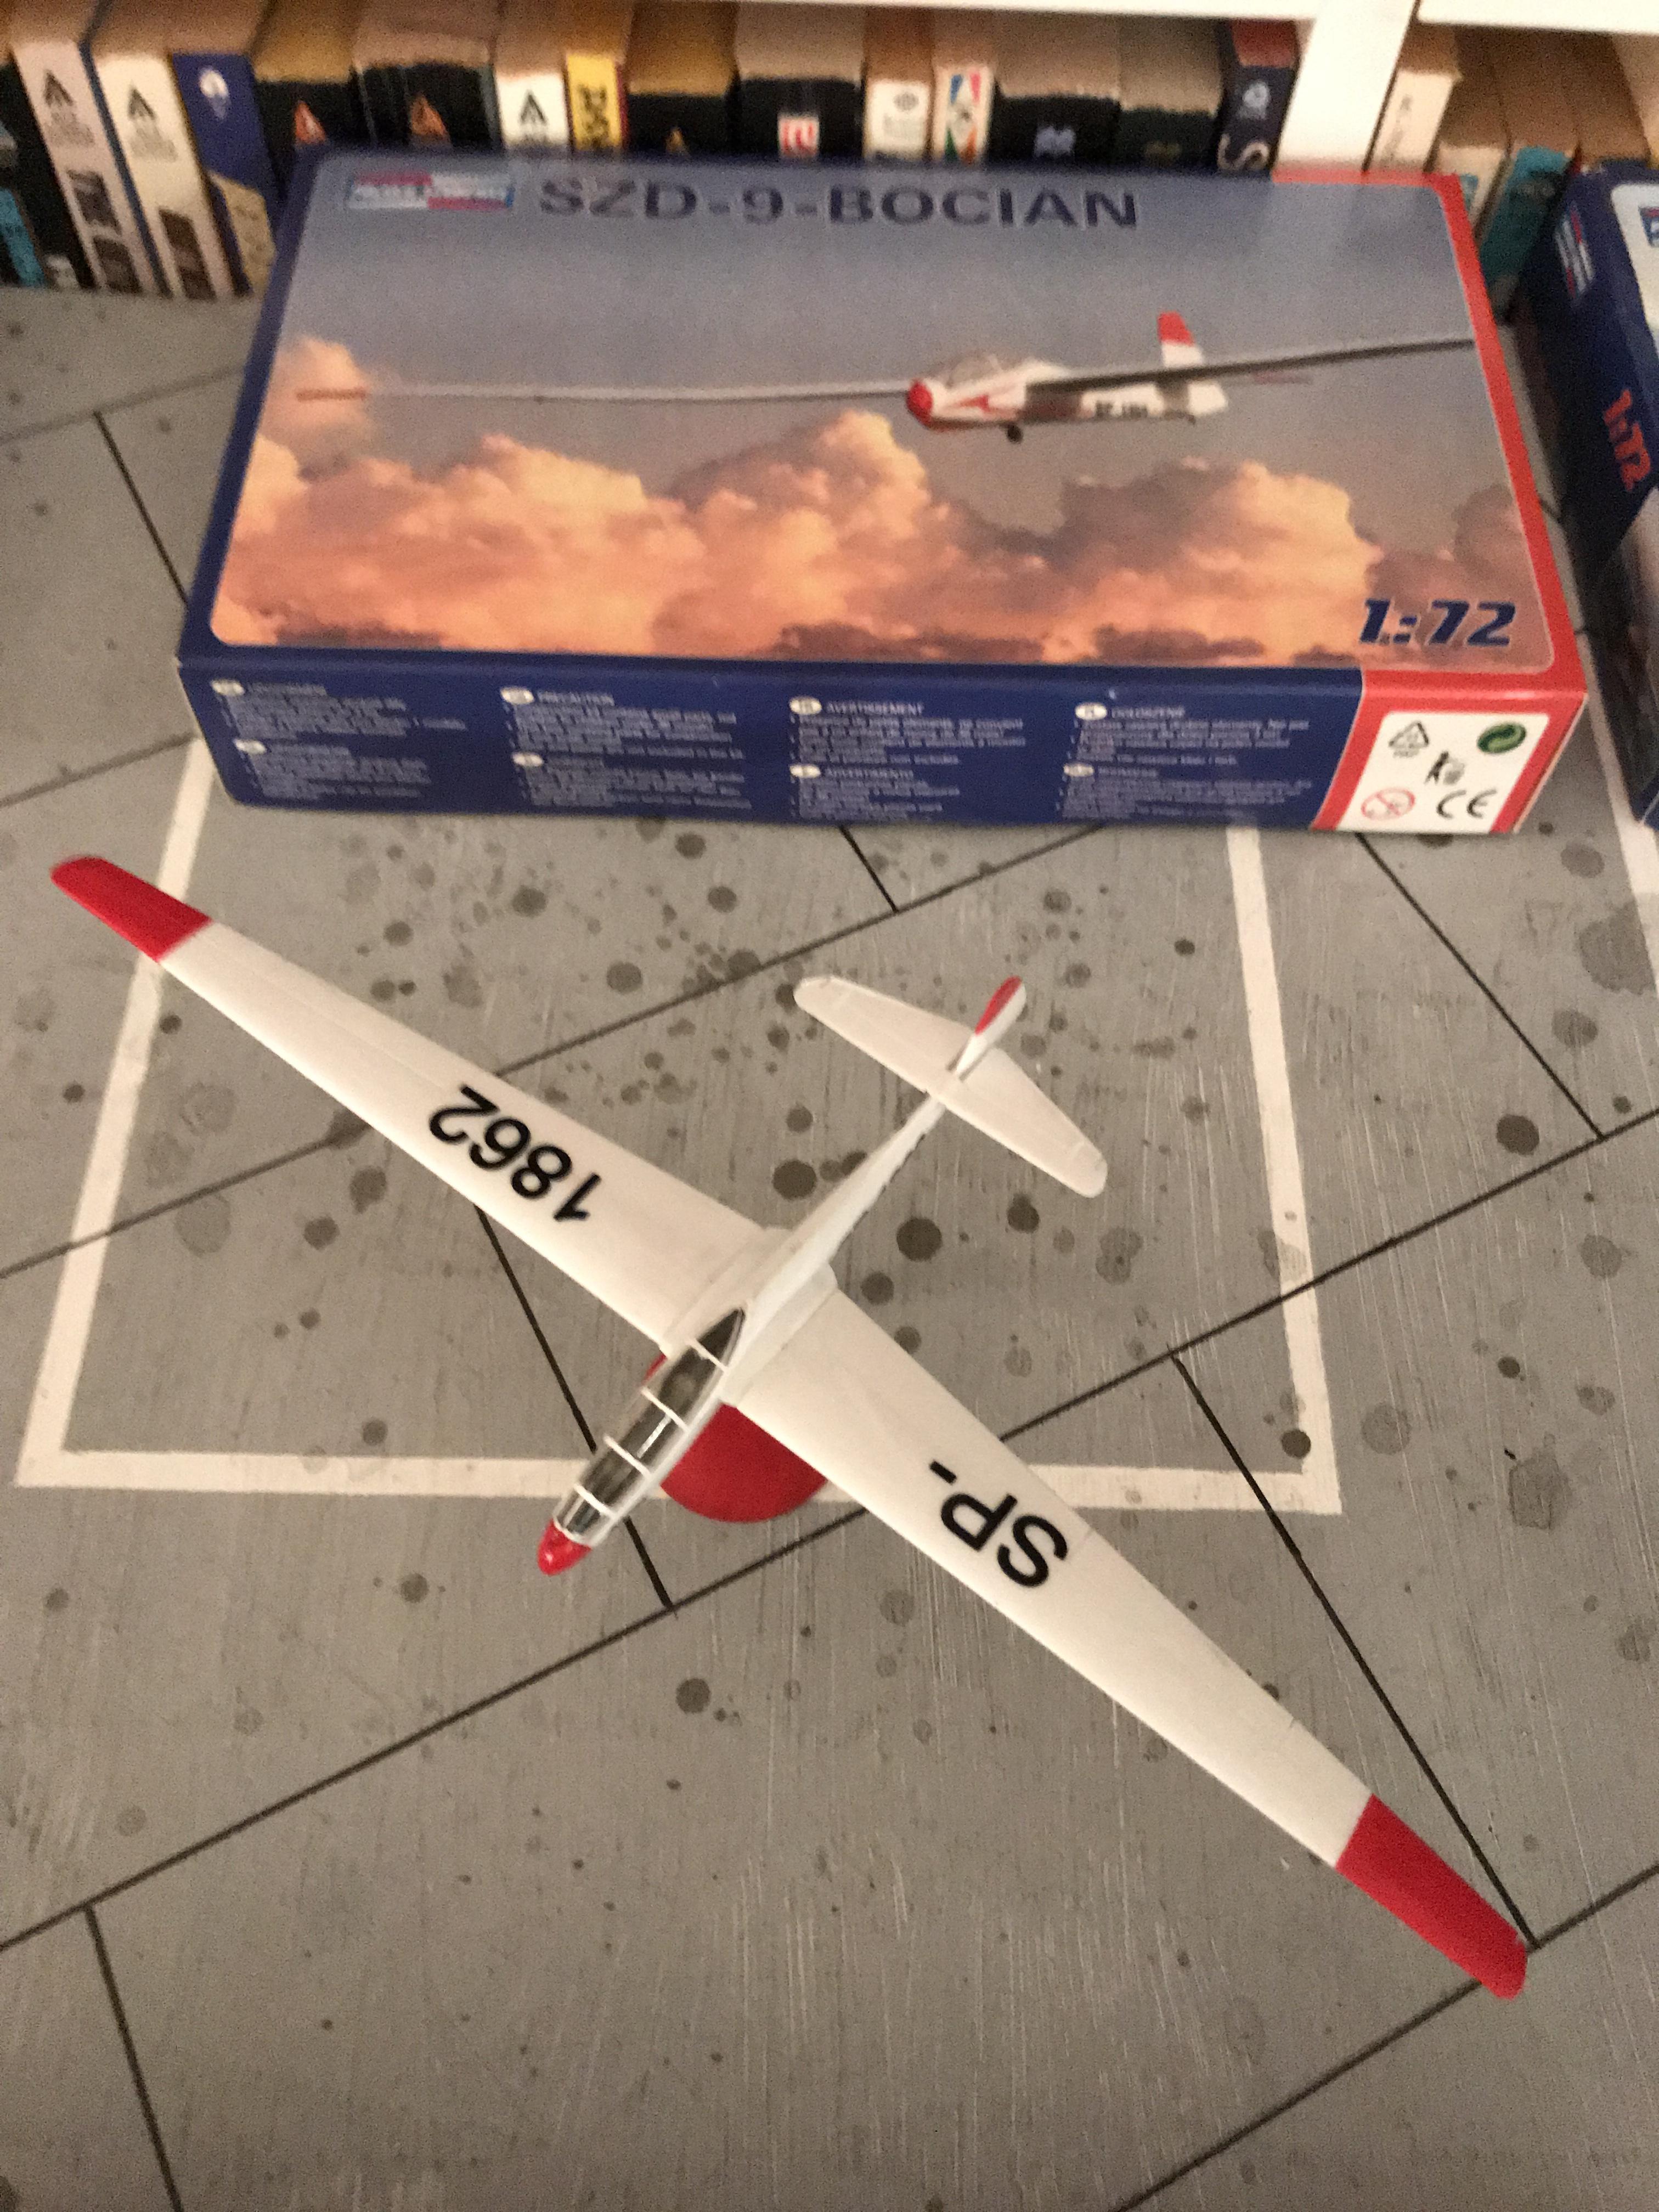 AB40FB85-485D-4024-B90A-47AF88EA274D.jpeg